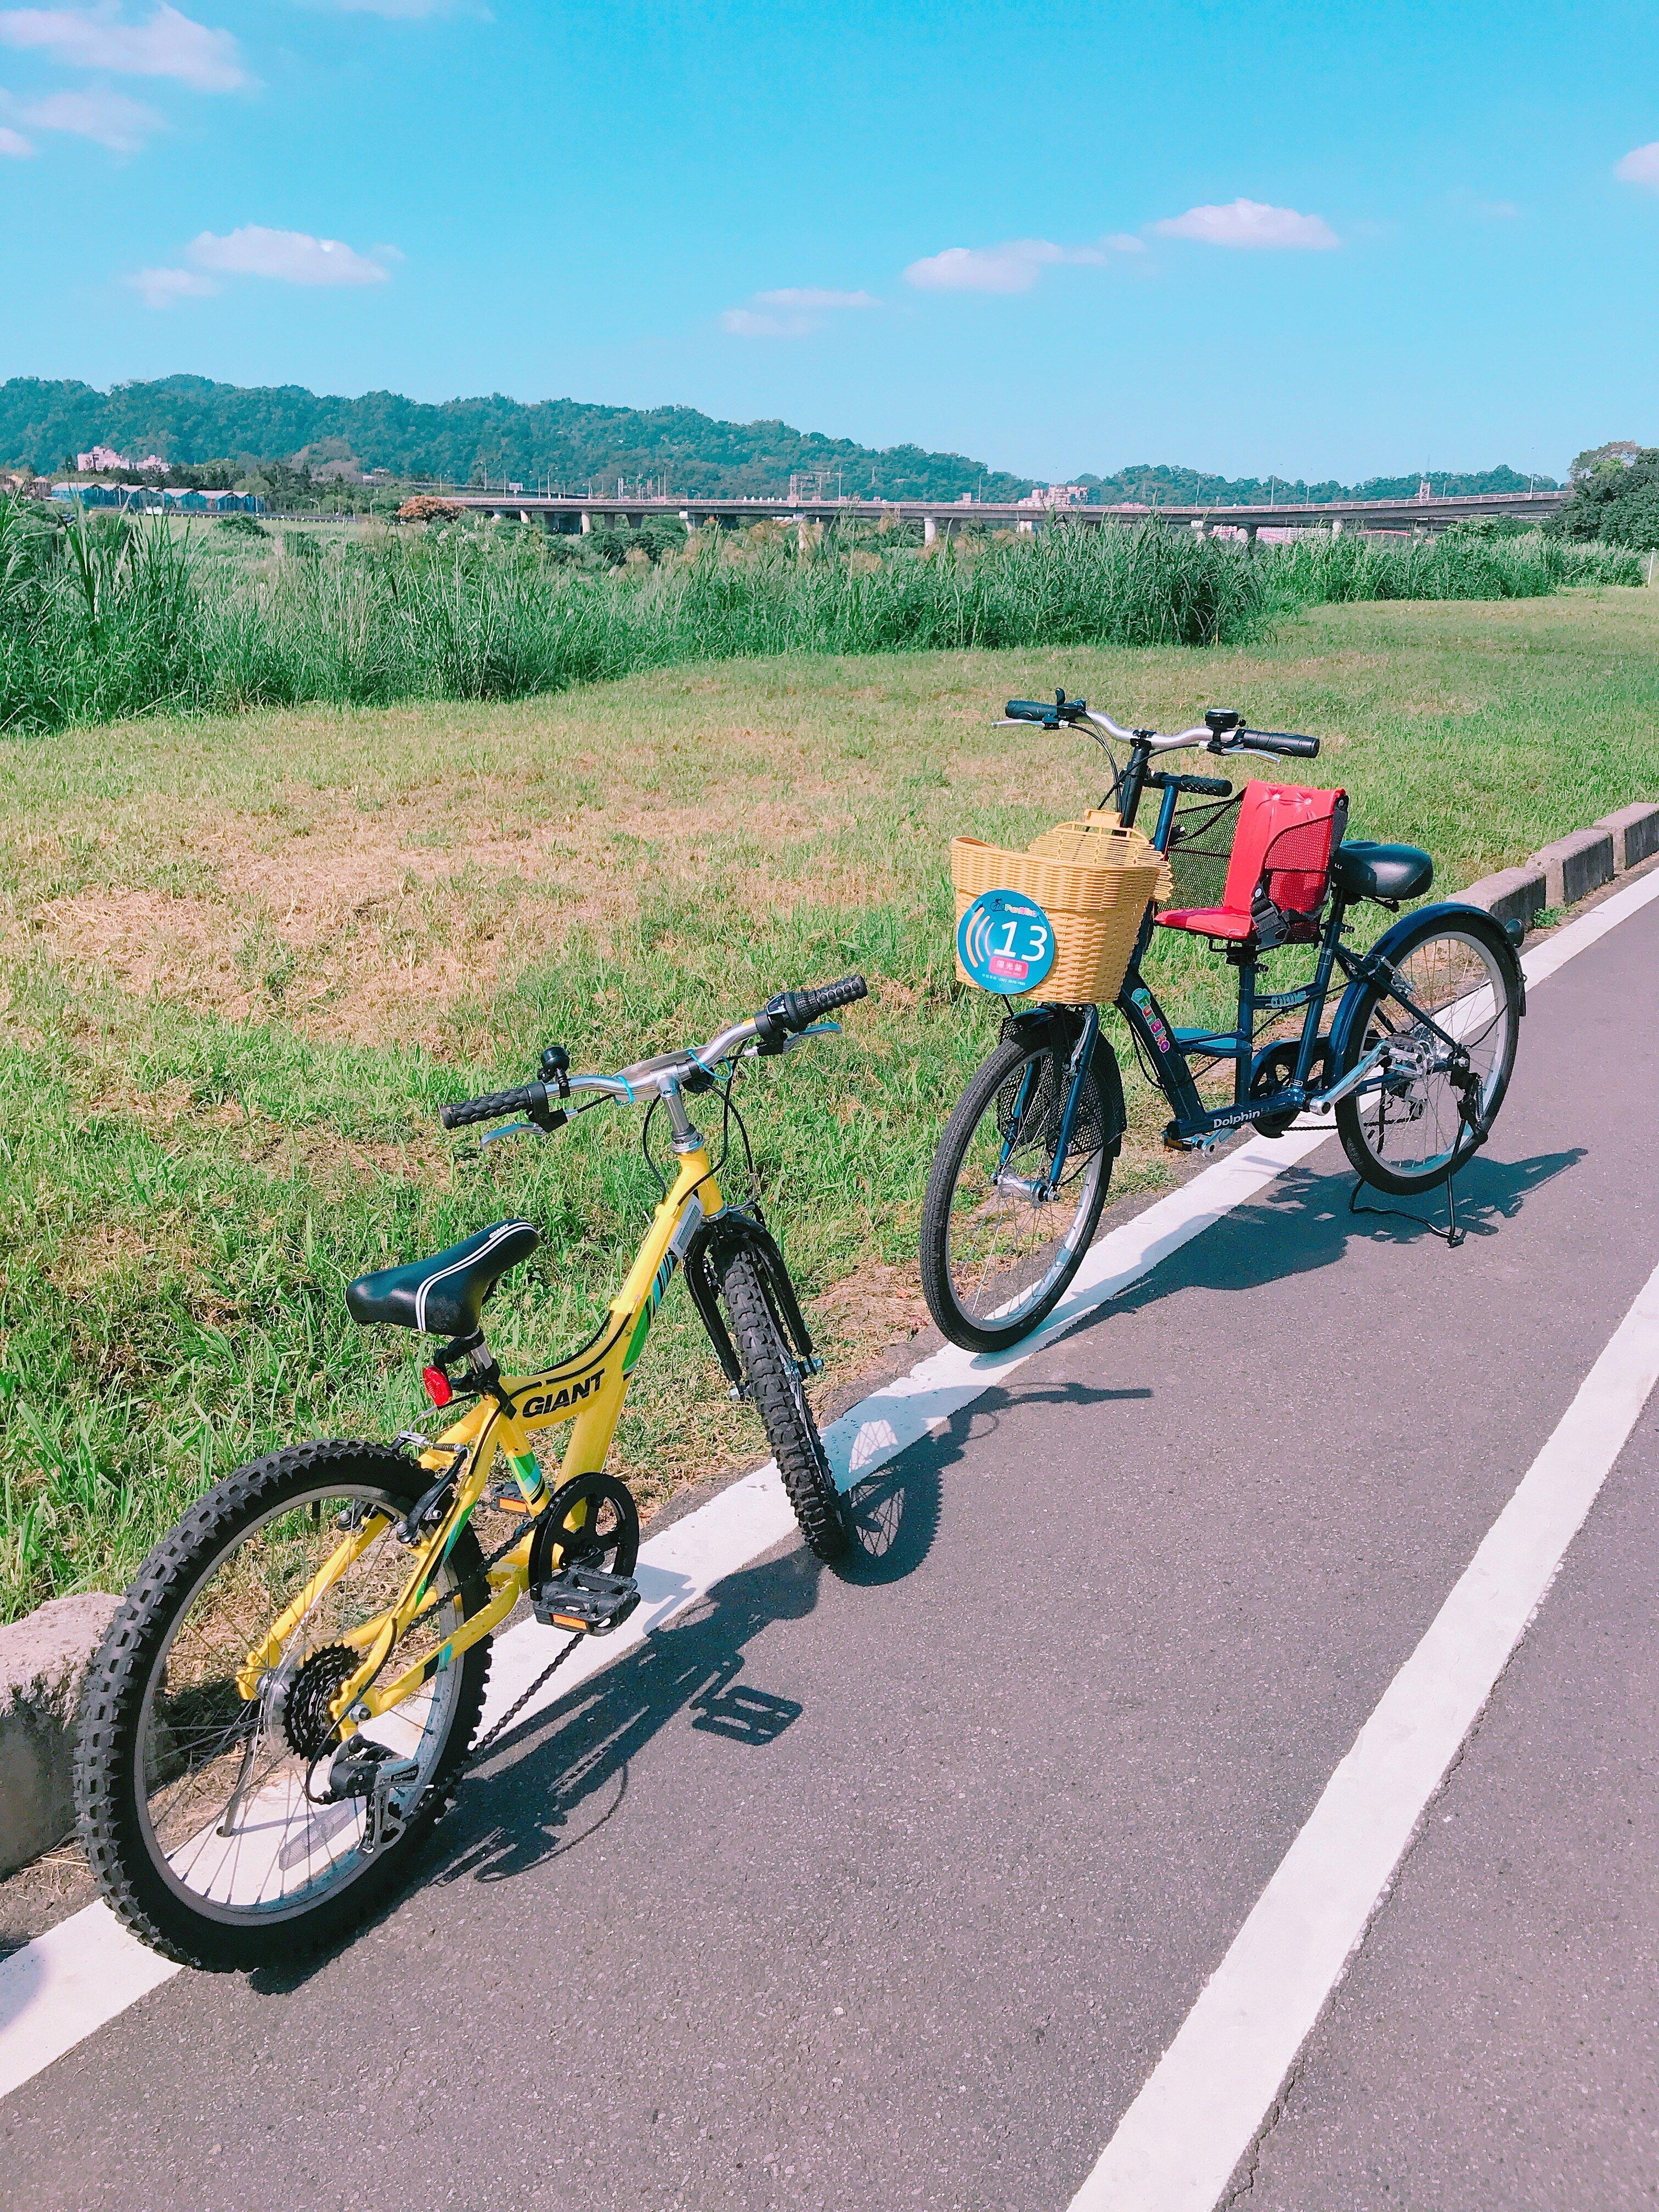 ▲現場也有租借腳踏車,可以一路騎至碧潭風景區、烏來,可以甲地借乙地還。